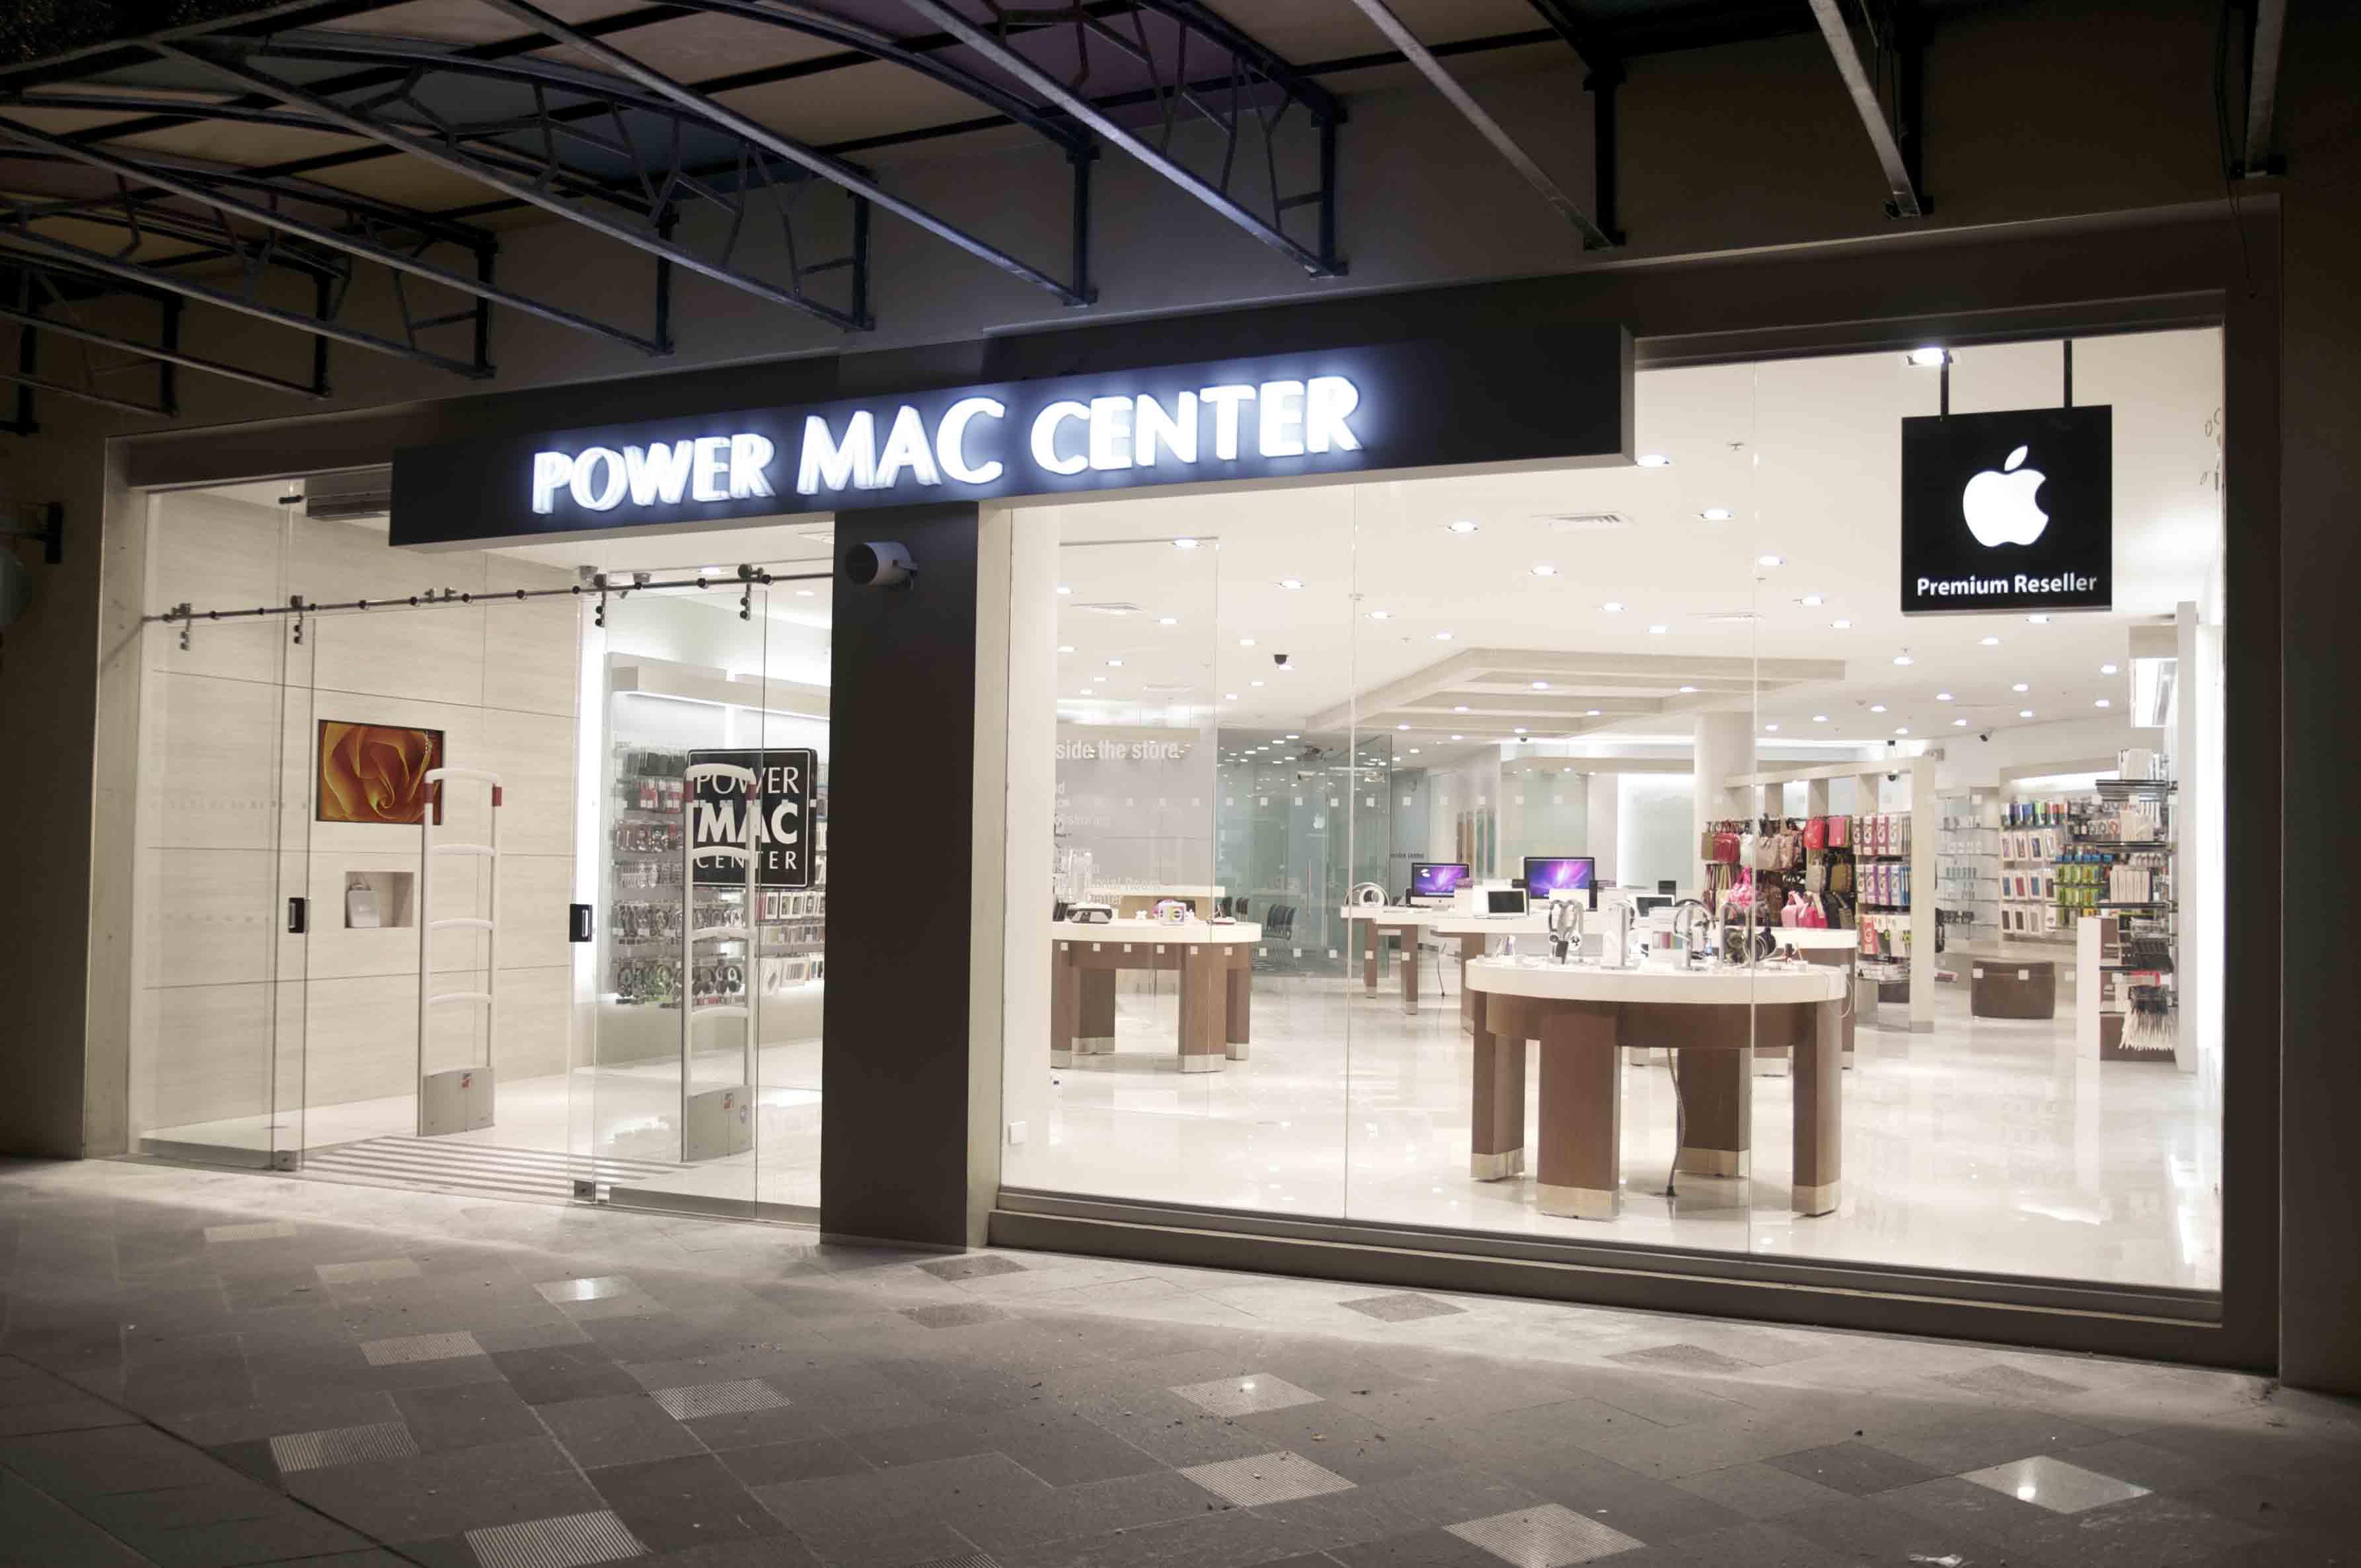 Power Mac Center Relaunches Greenbelt Flagship Store